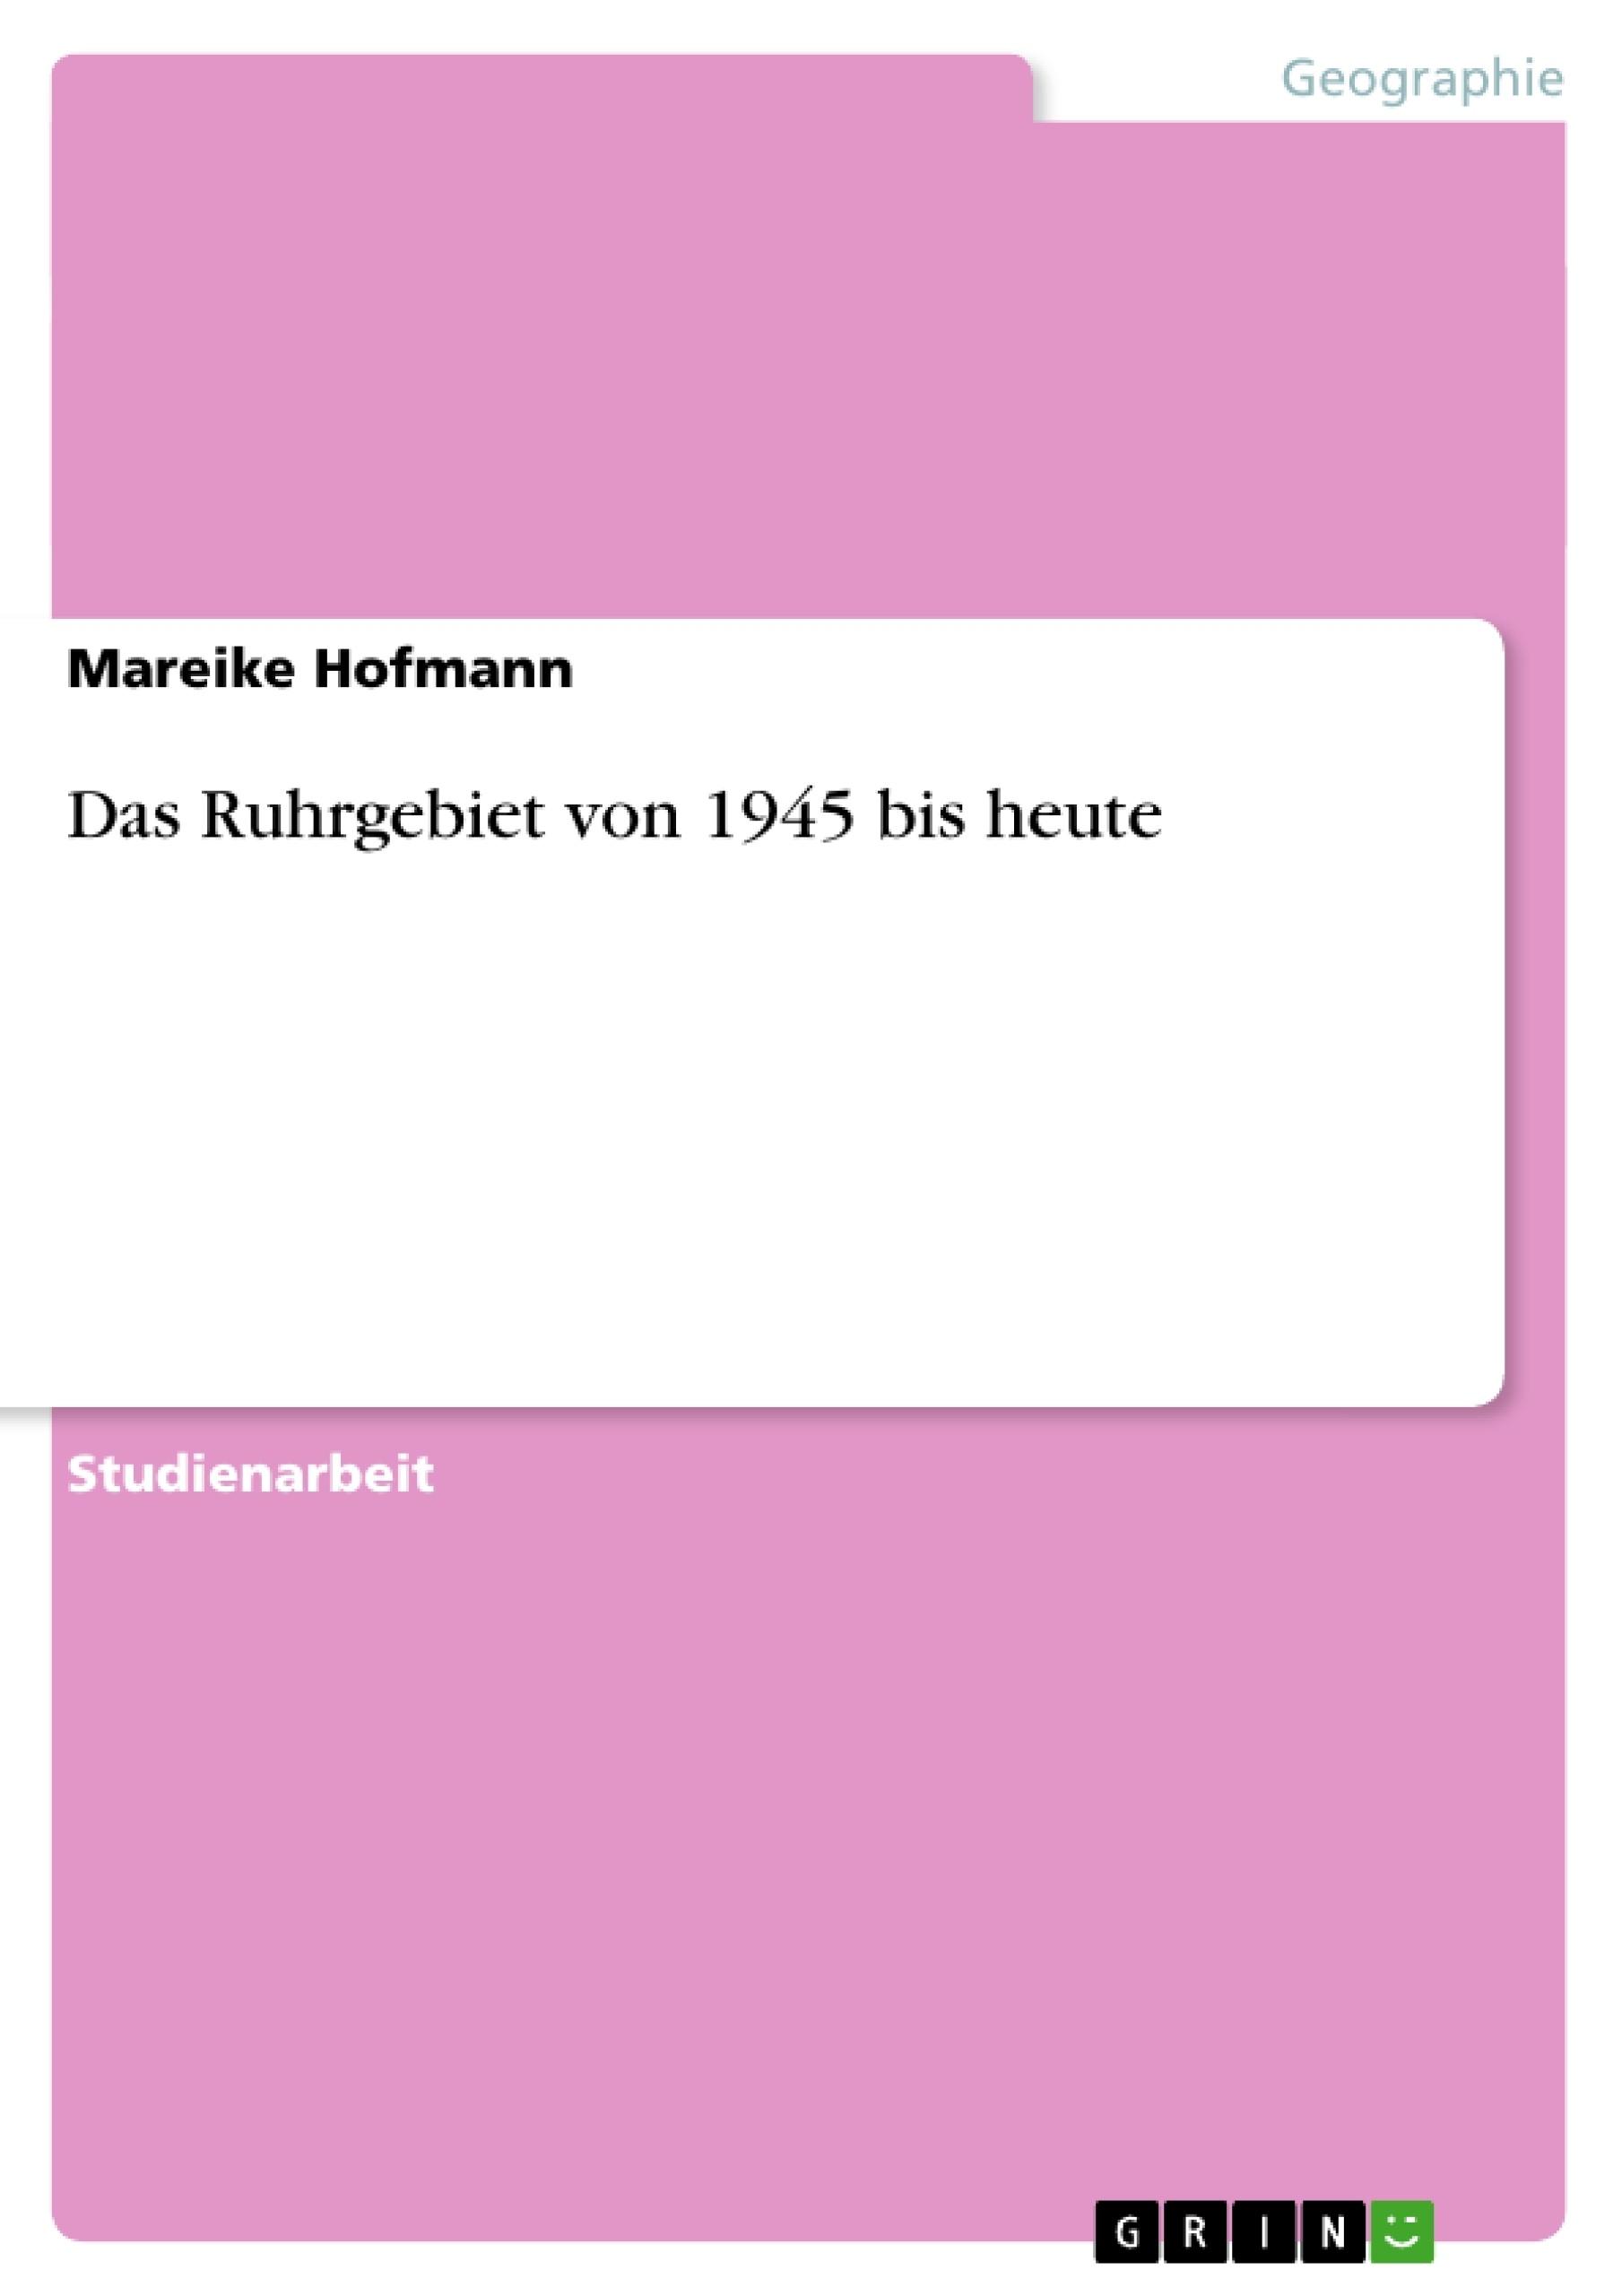 Titel: Das Ruhrgebiet von 1945 bis heute